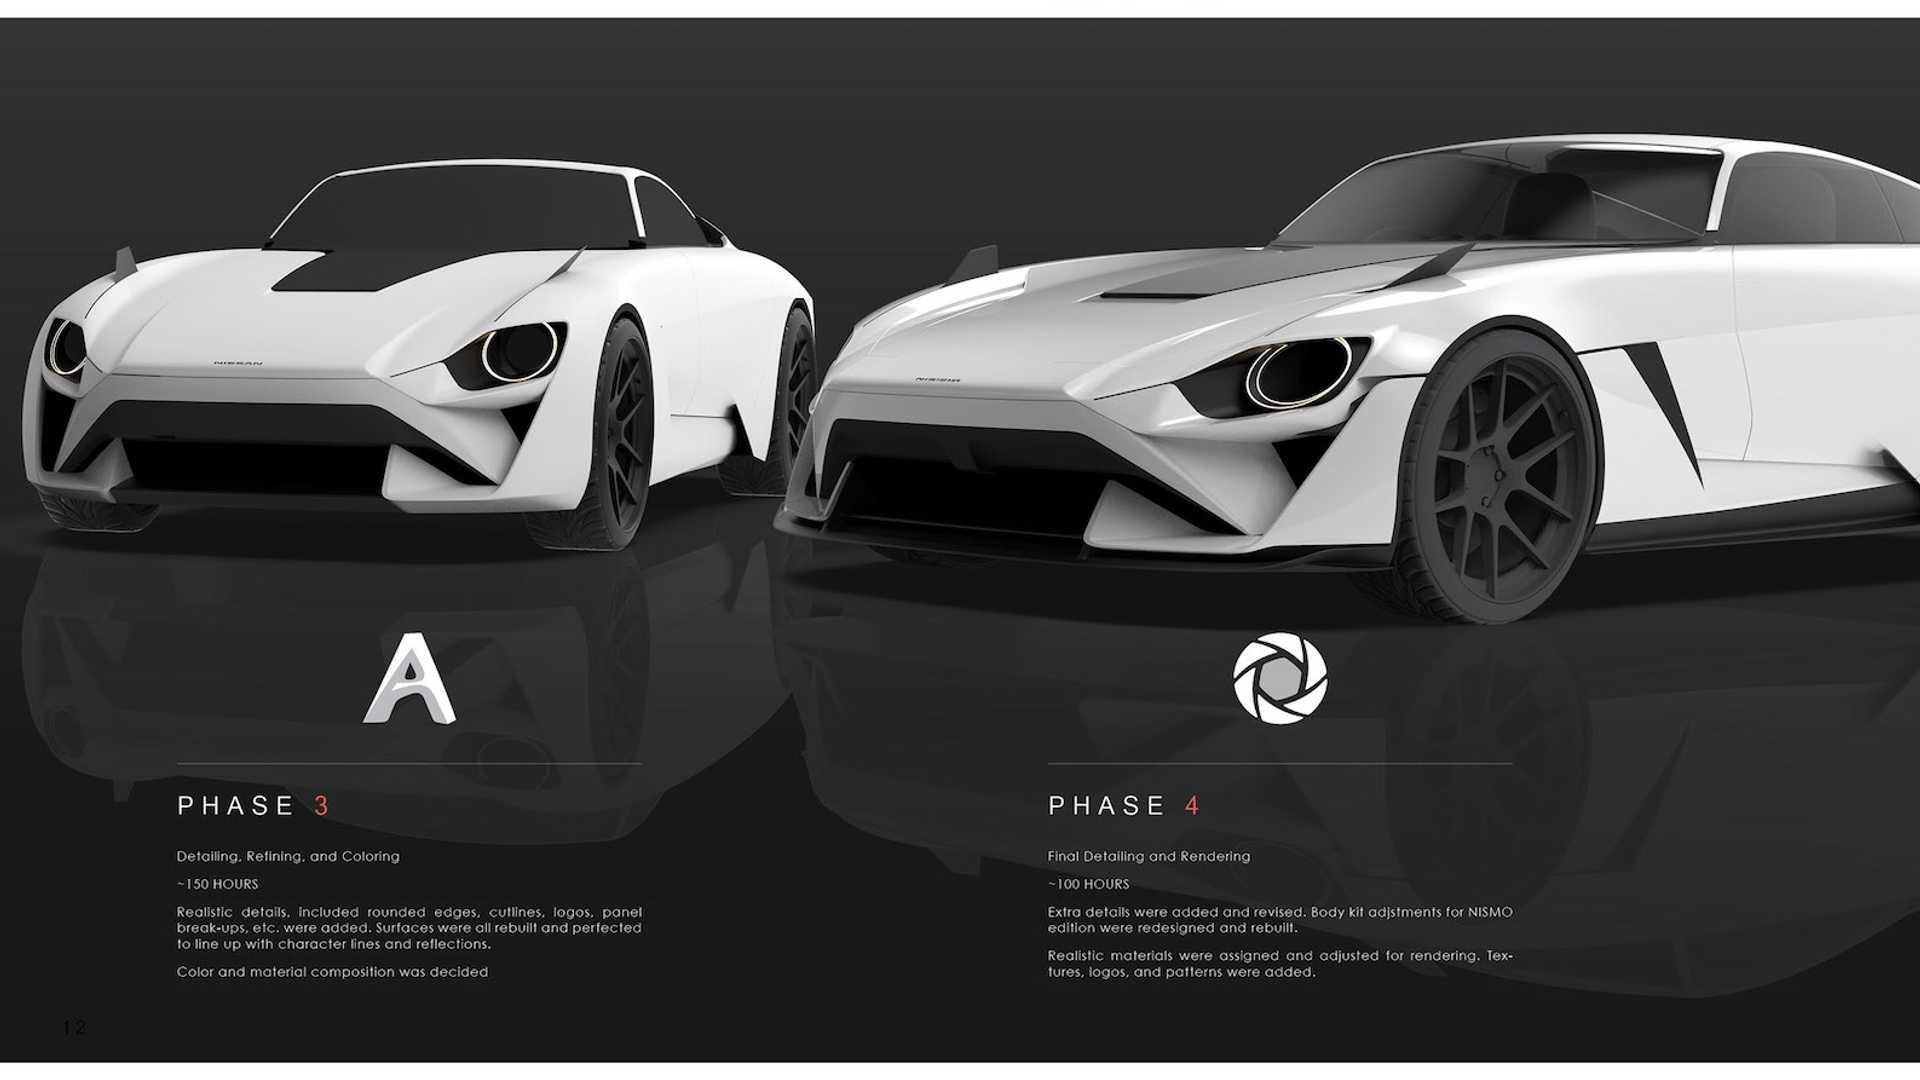 Появились изображения спортивного купе Nissan Z нового поколения